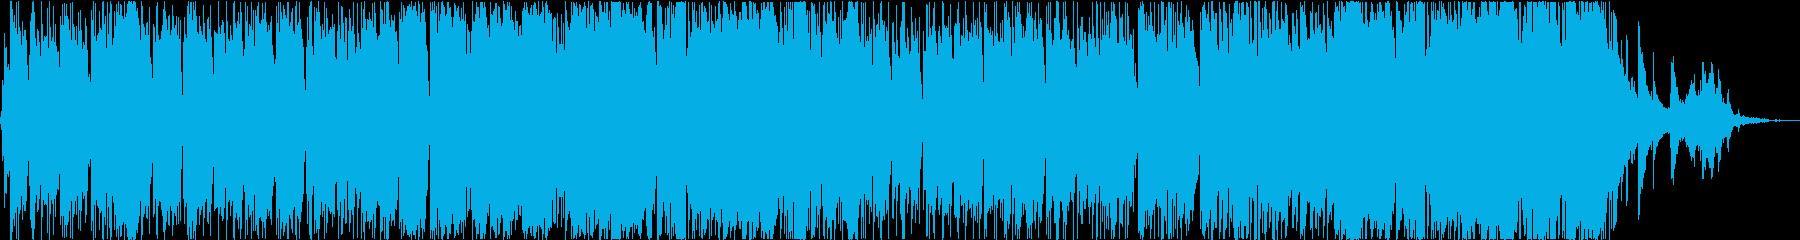 ピアノと木管の明るく期待感ある日常系の再生済みの波形